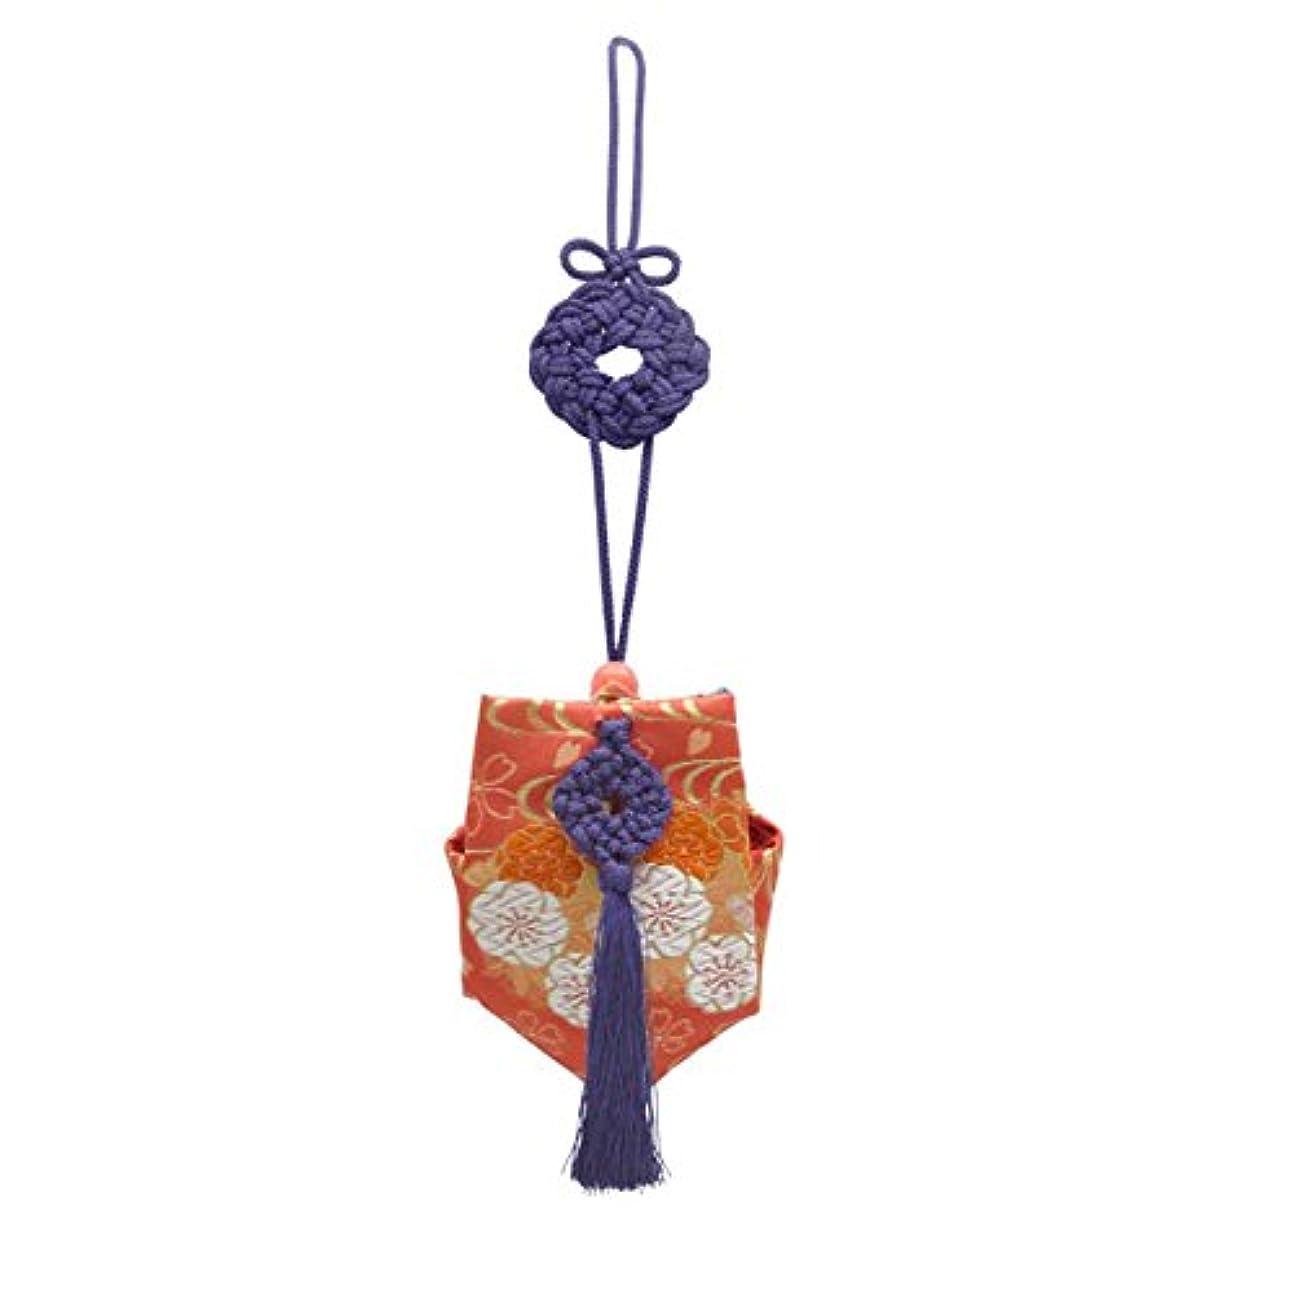 酸っぱい打撃イライラする訶梨勒 上品 紙箱入 紫紐/花紋